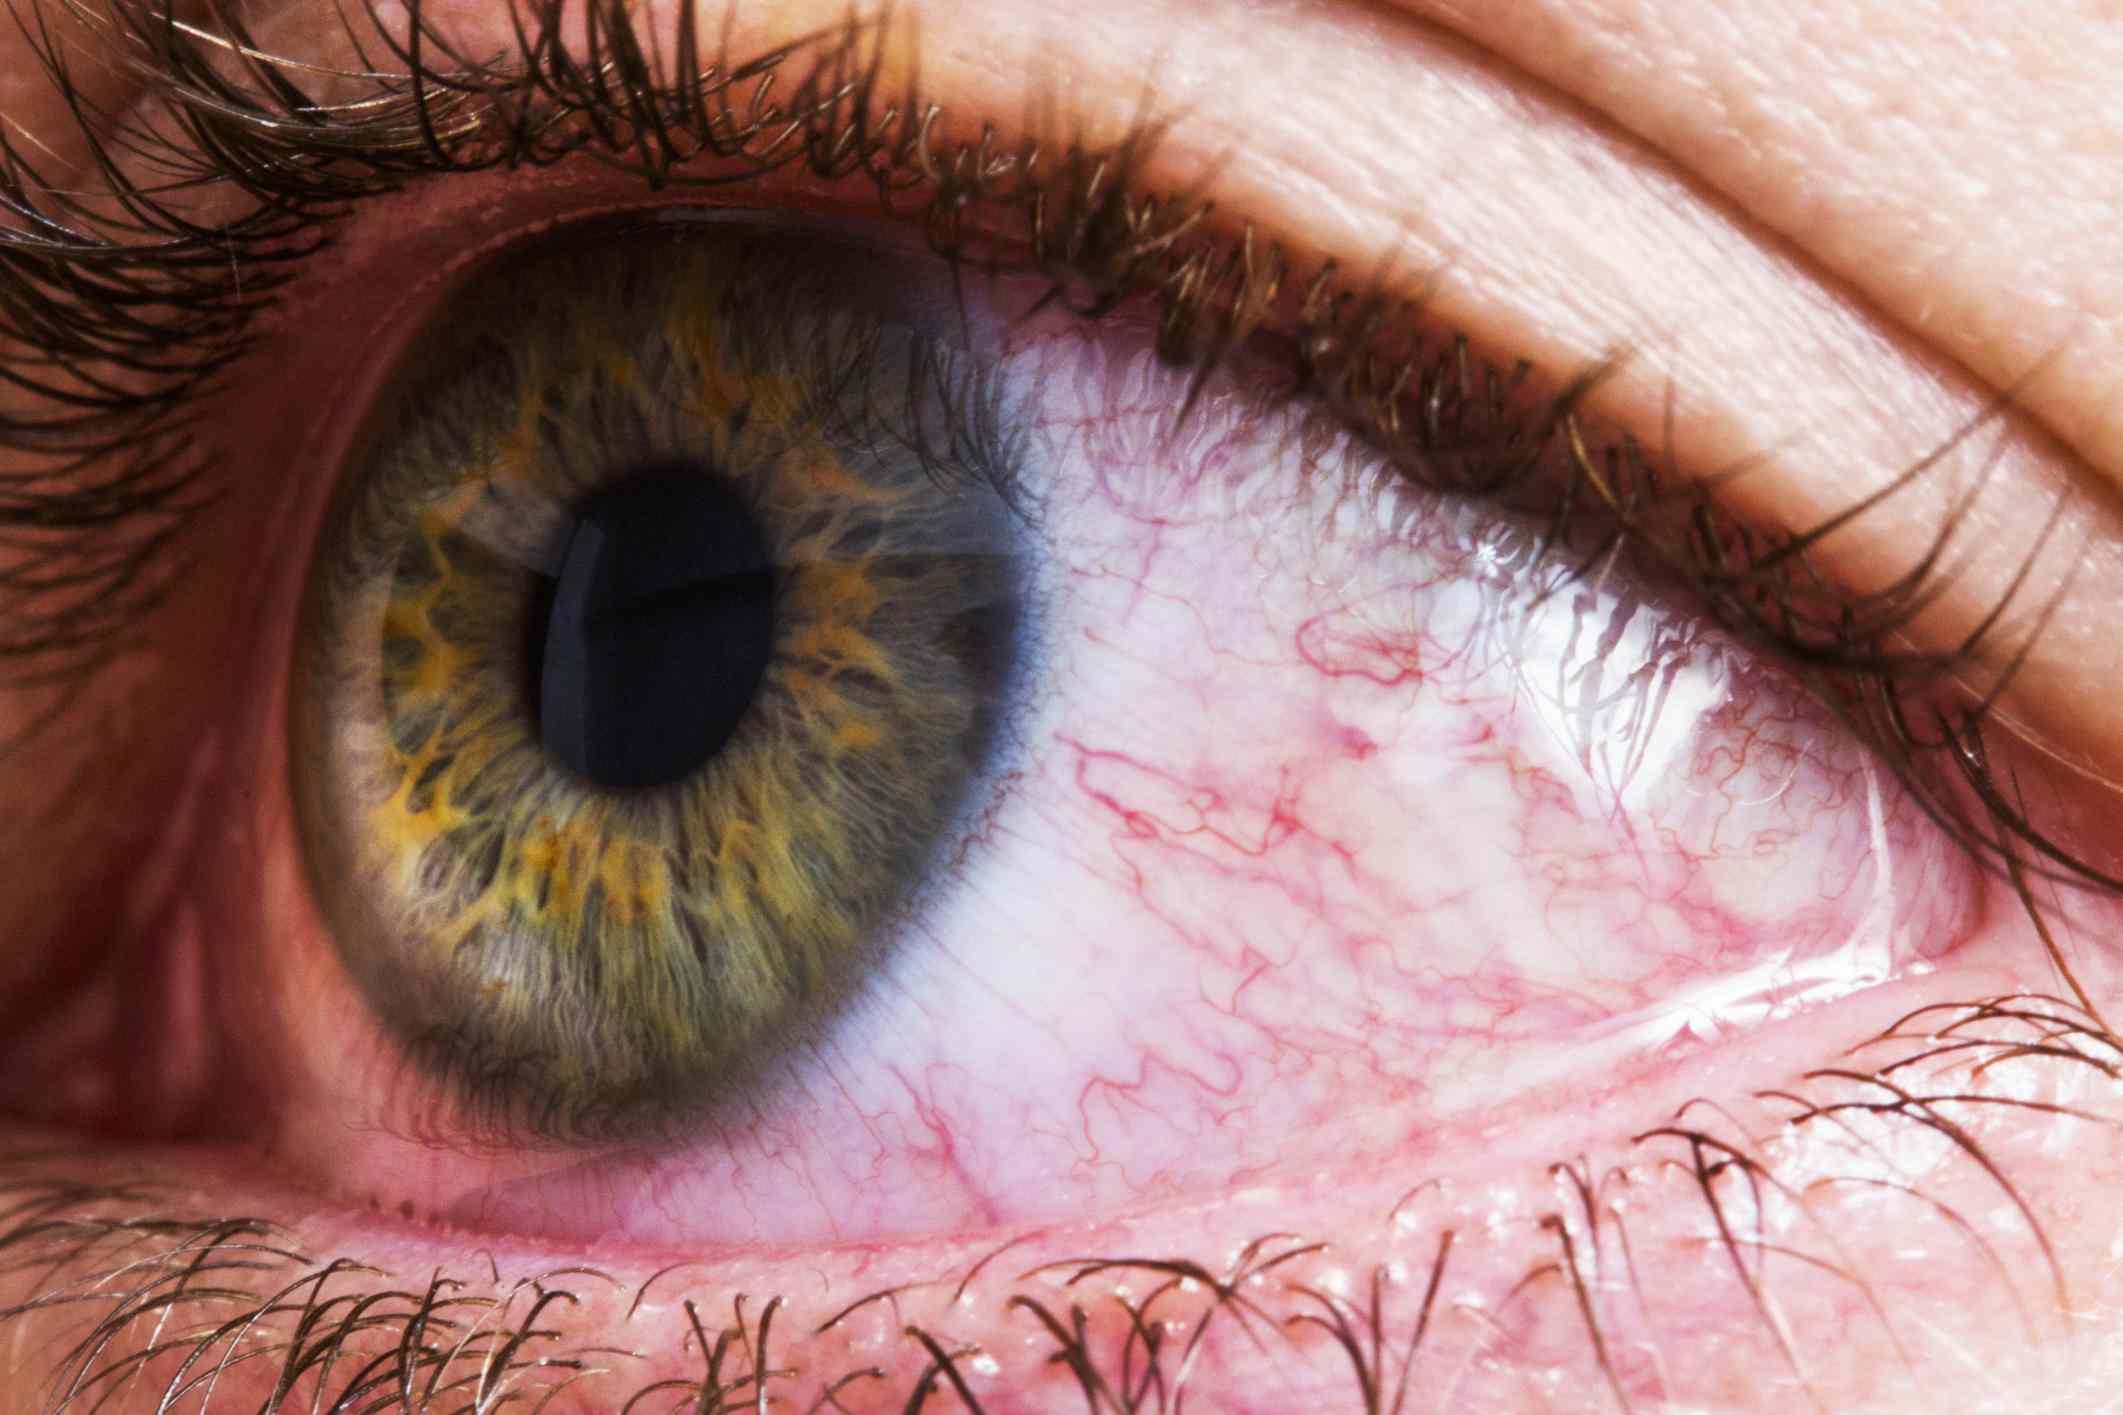 close up of bloodshot eye